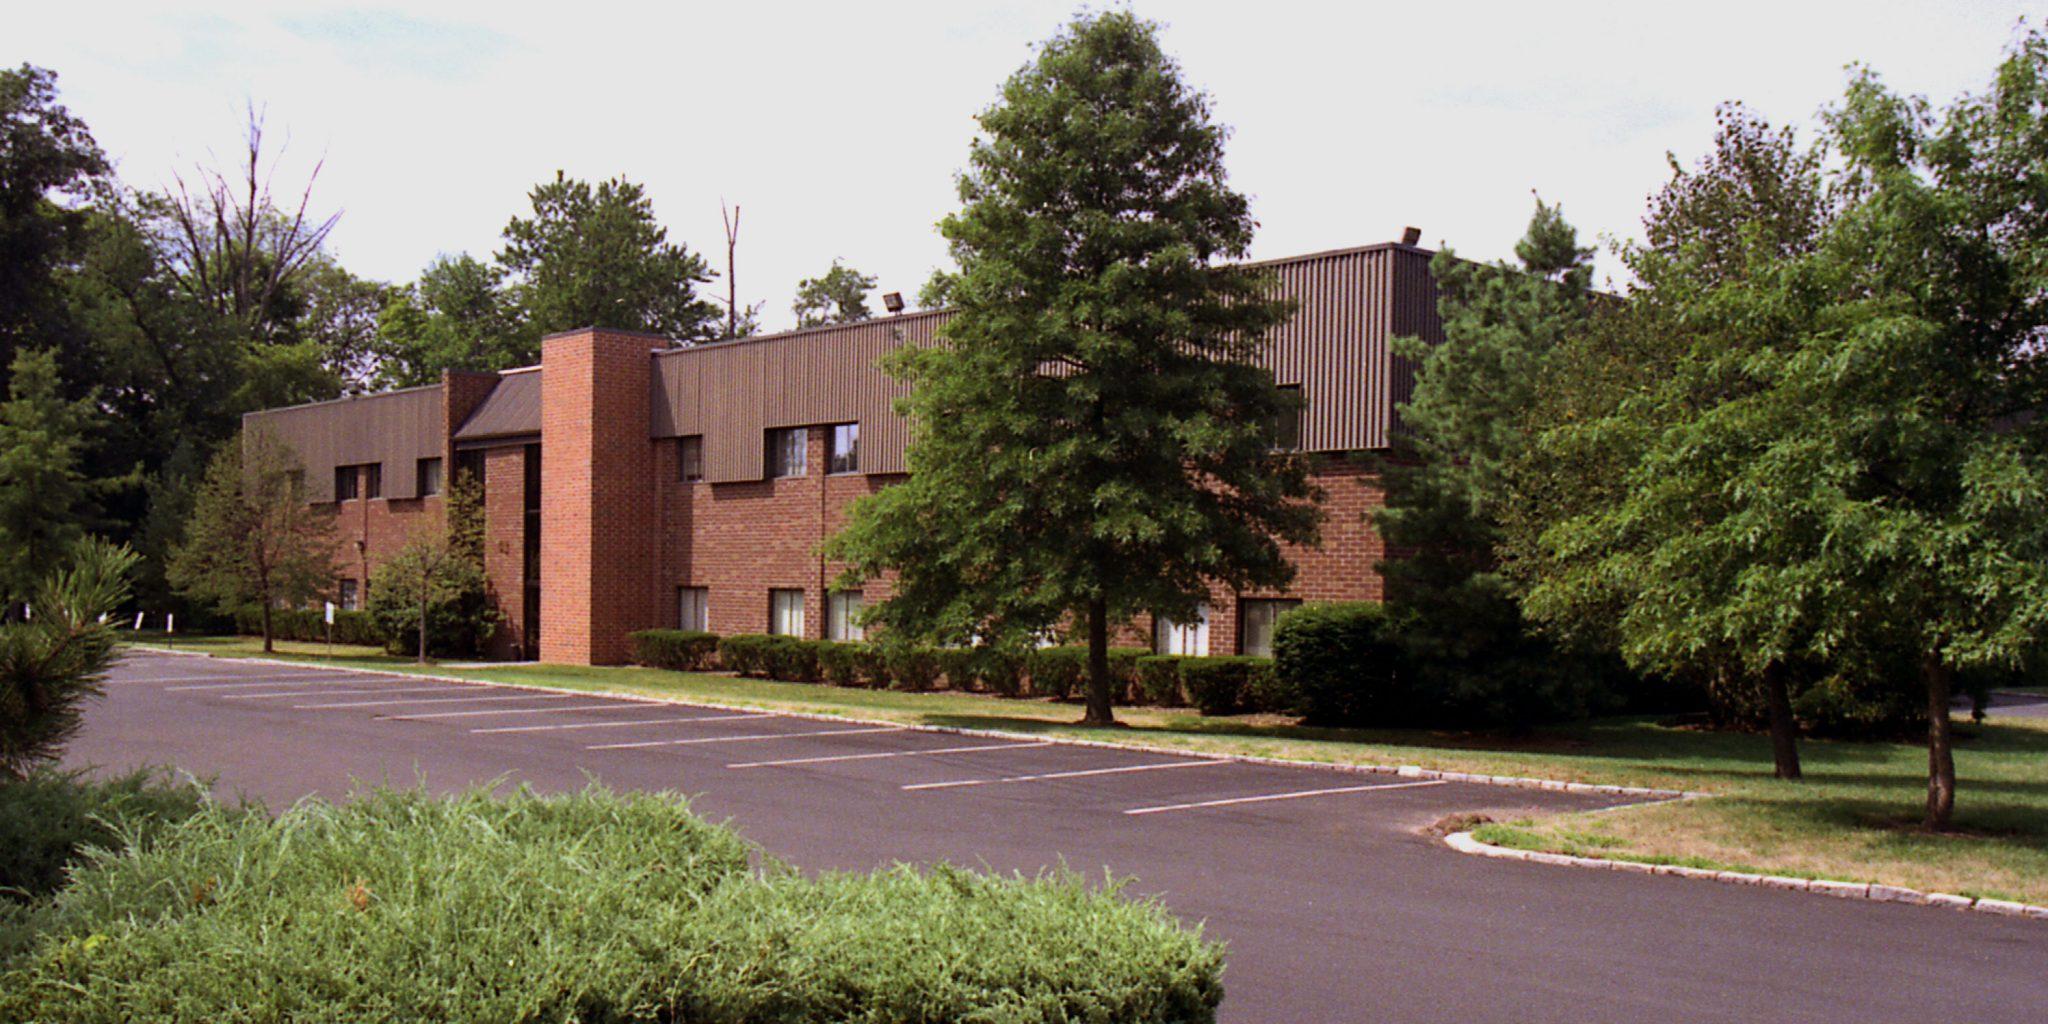 40 Ramland Road – Orangeburg, NY 10962 – 5,425 sq. ft.